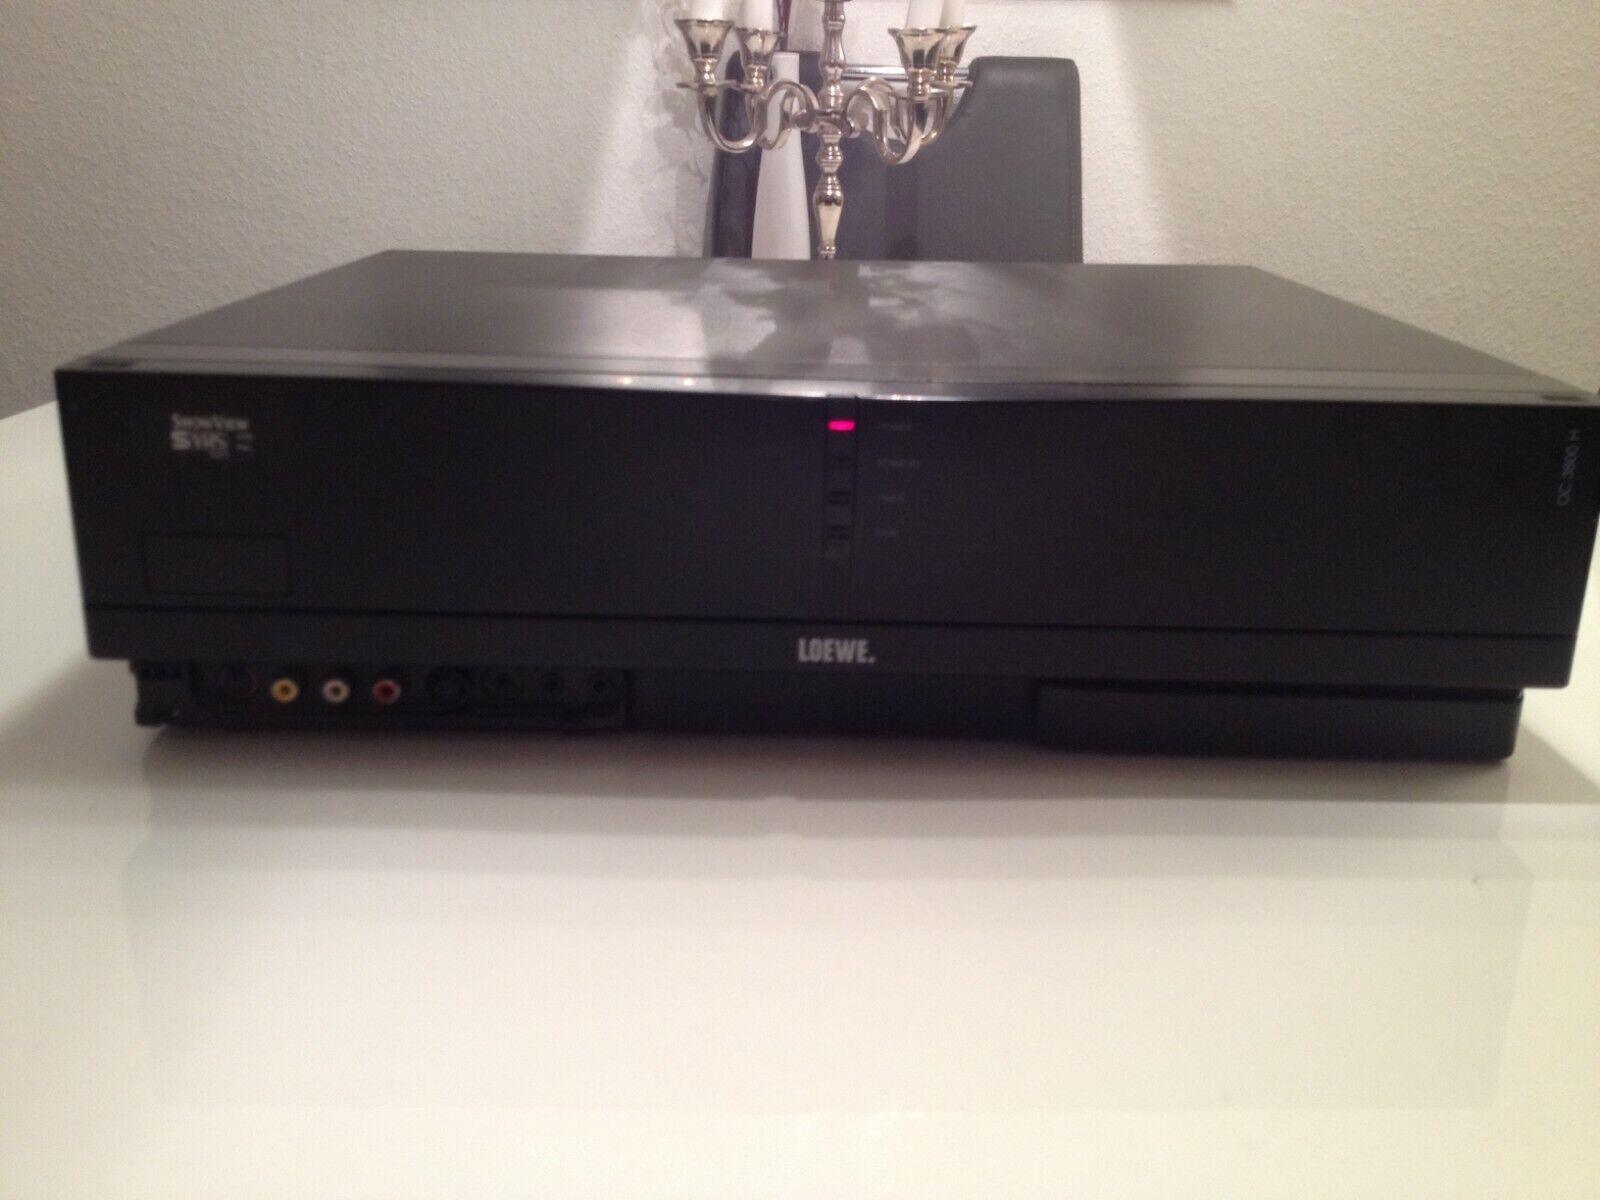 Loewe OC 3800 Videorekorder TBC LP S- VHS +FB+BDA überholt geprüft